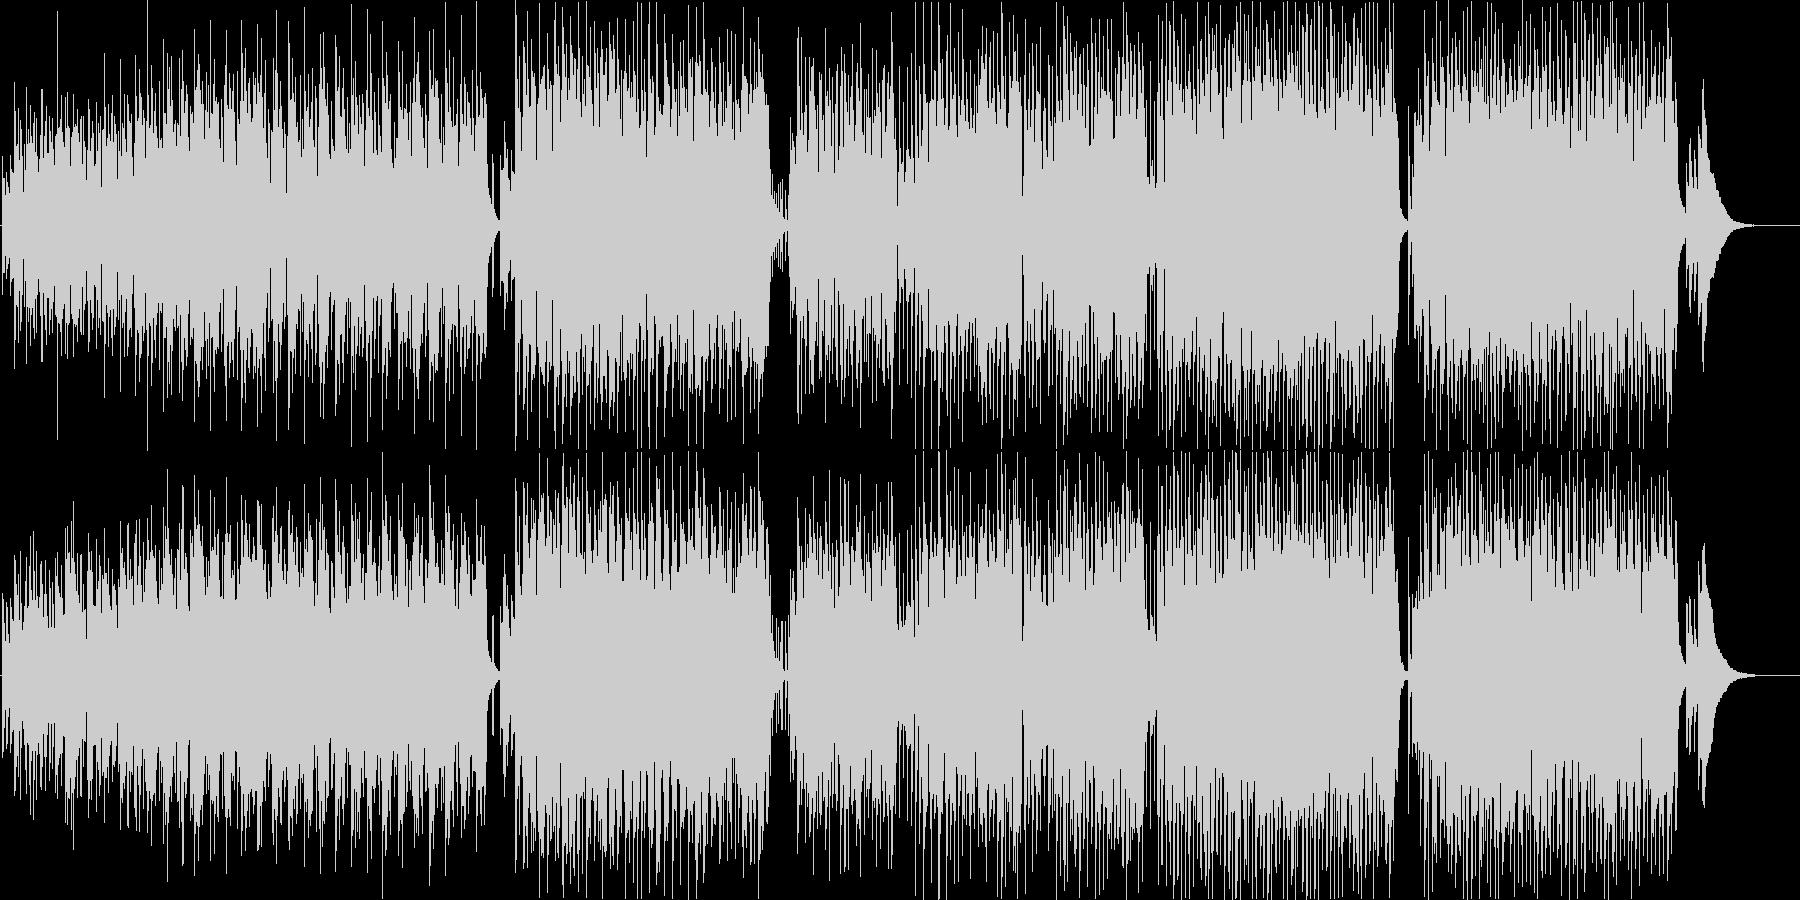 ほのぼの可愛いアコースティックポップの未再生の波形